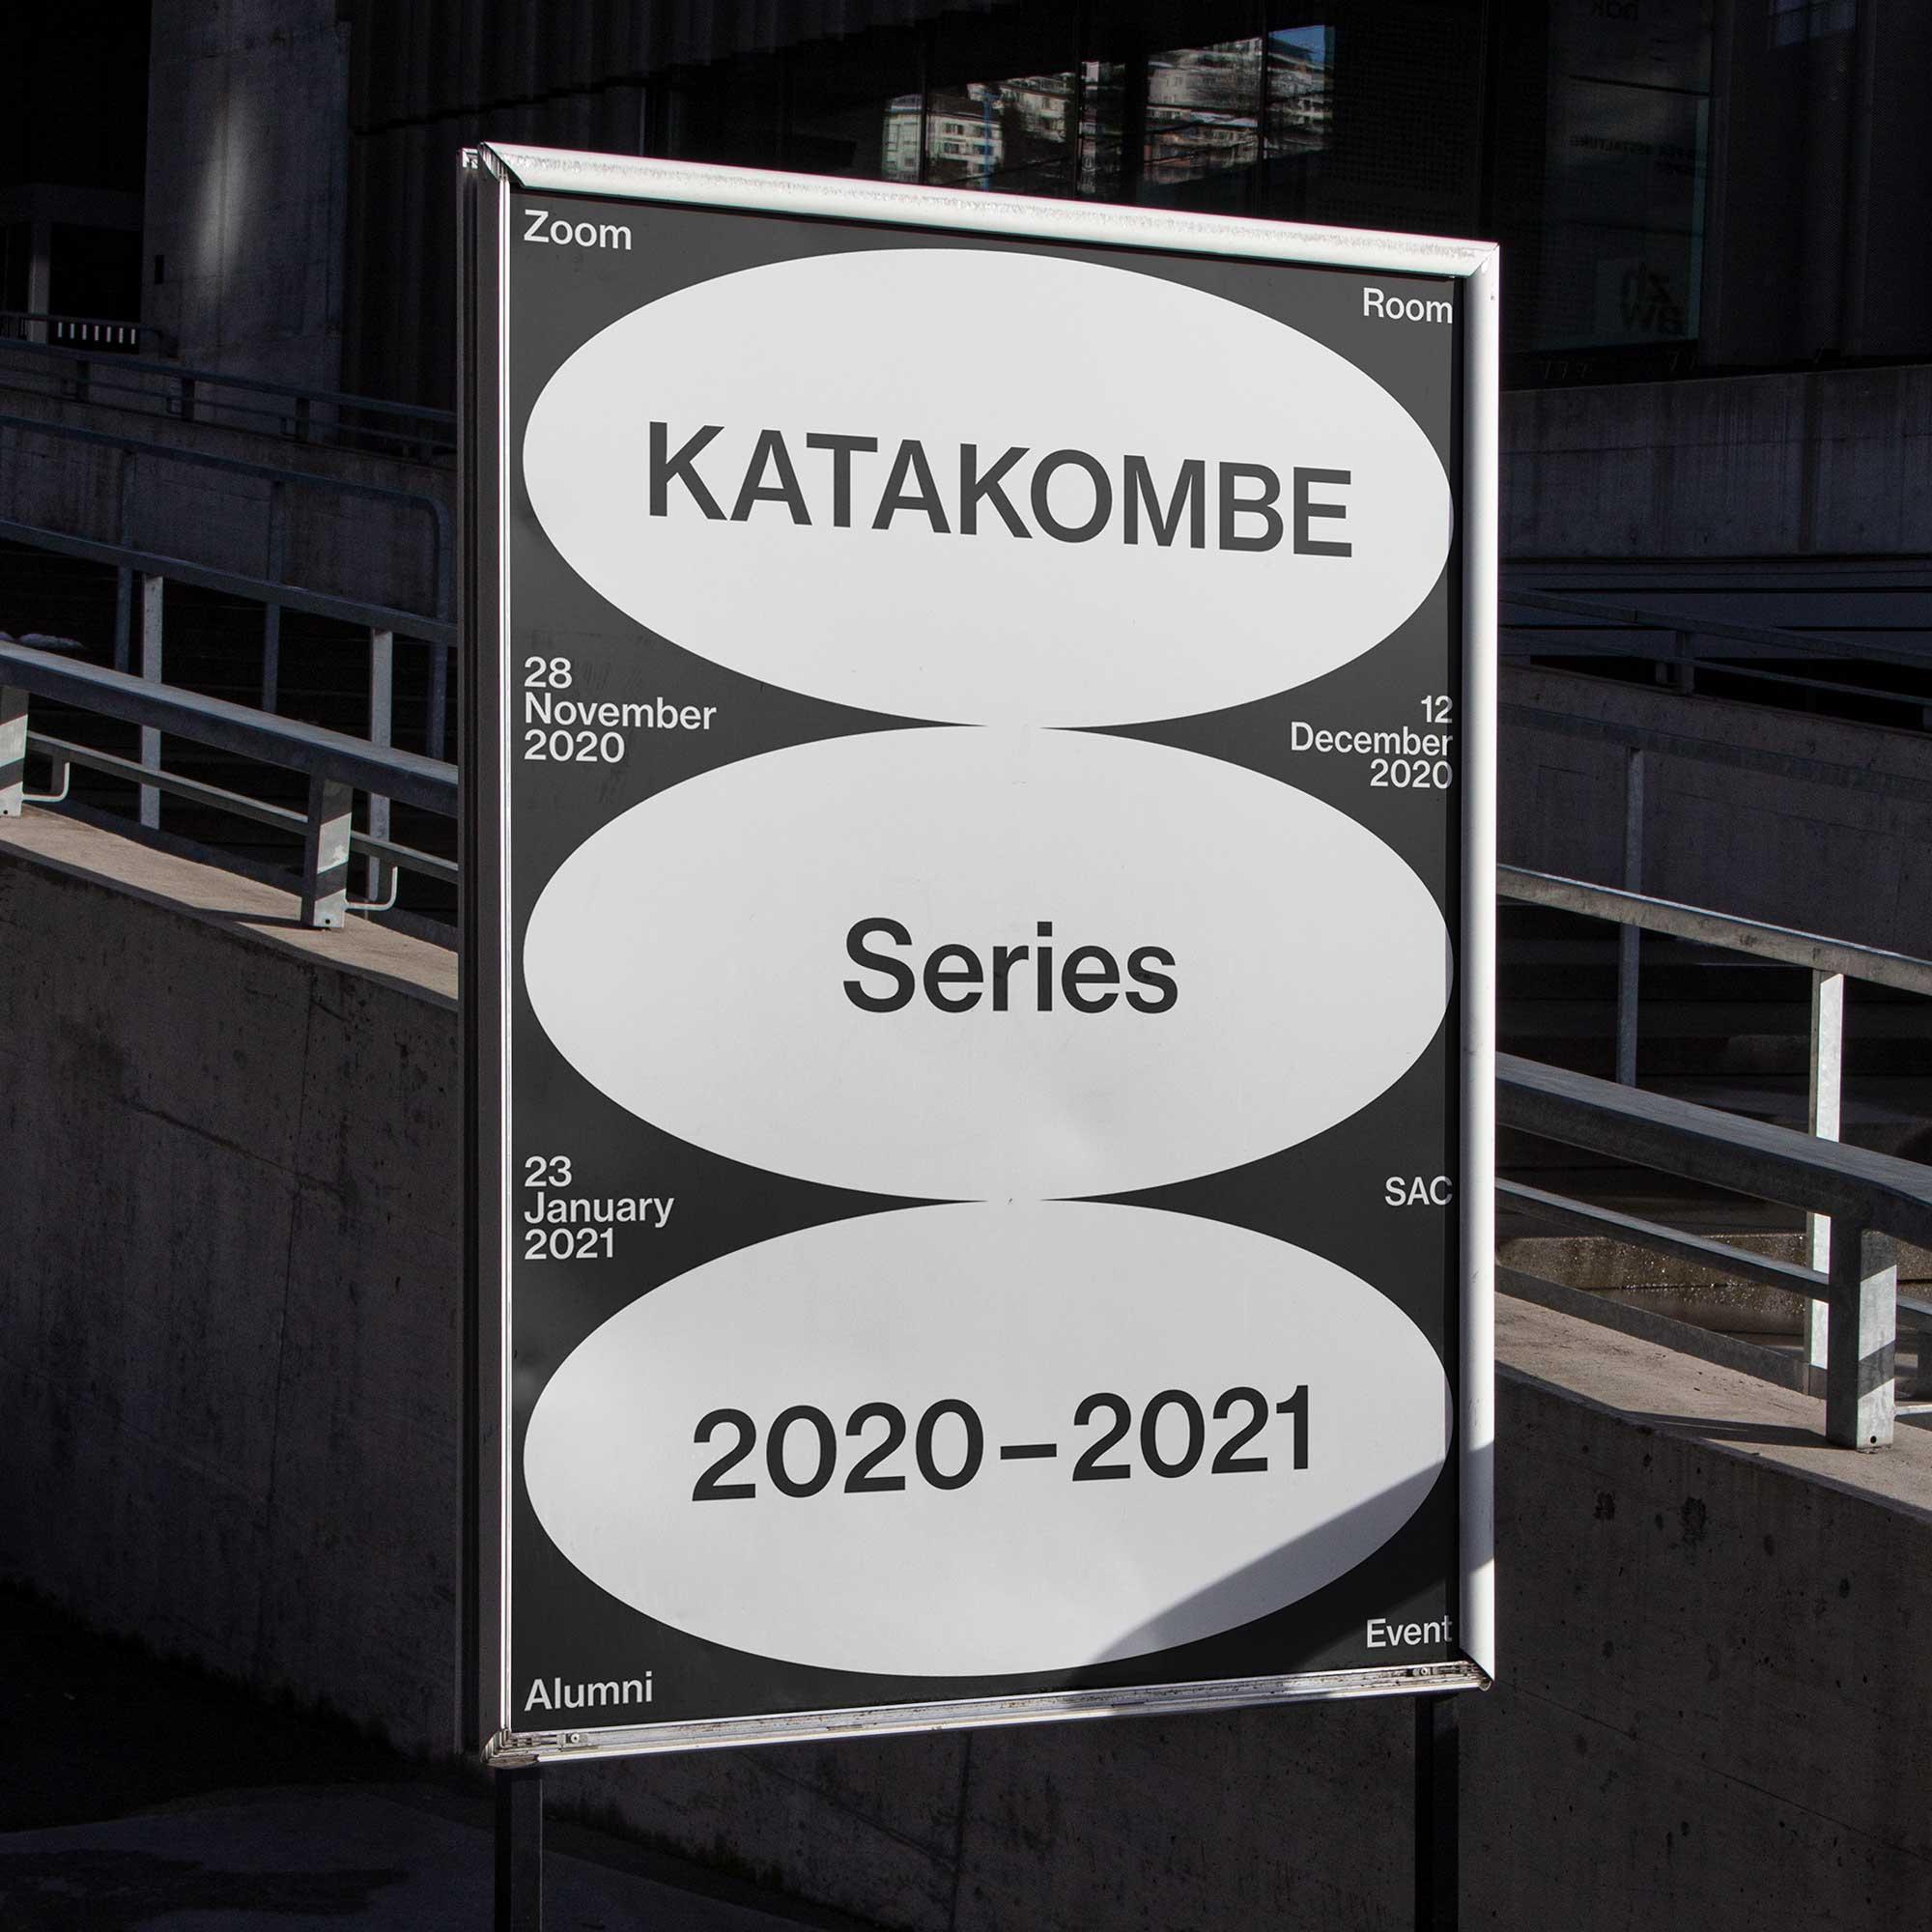 Katakombe 2